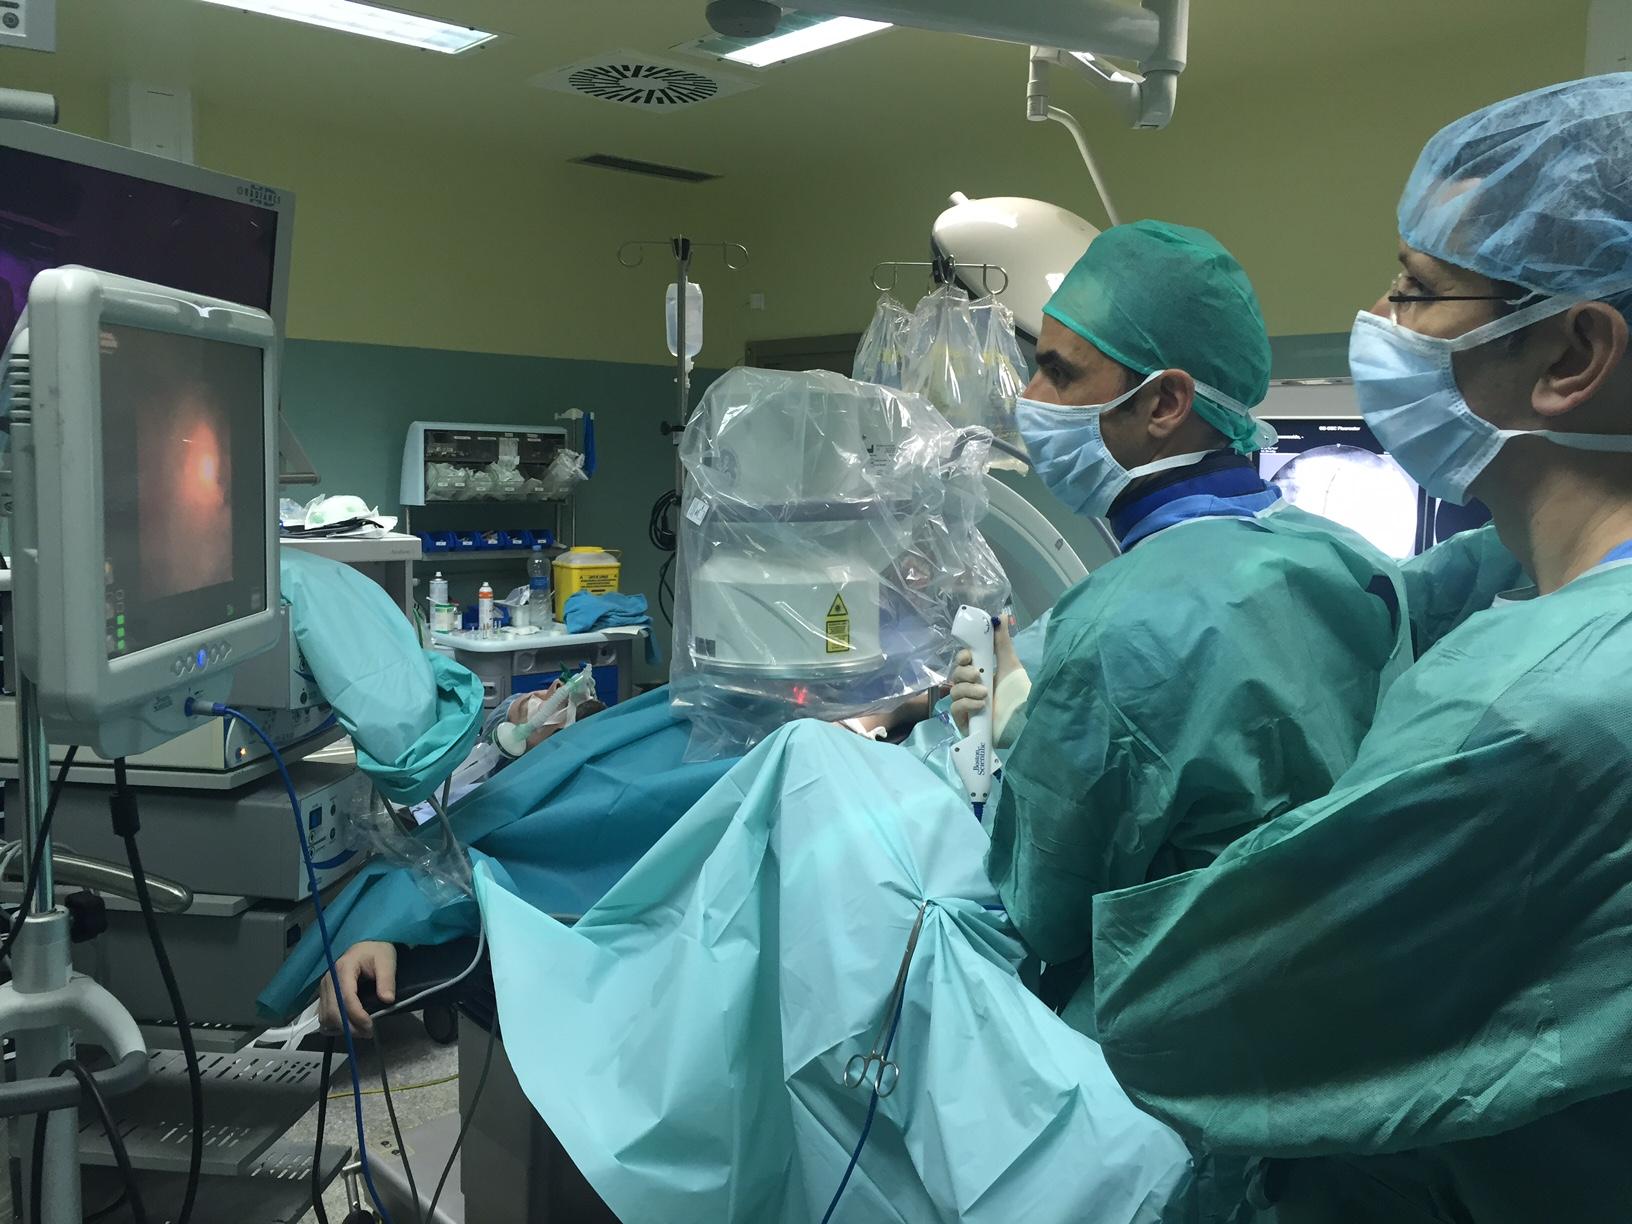 Cálculos renales complejos, con solución sin cortes